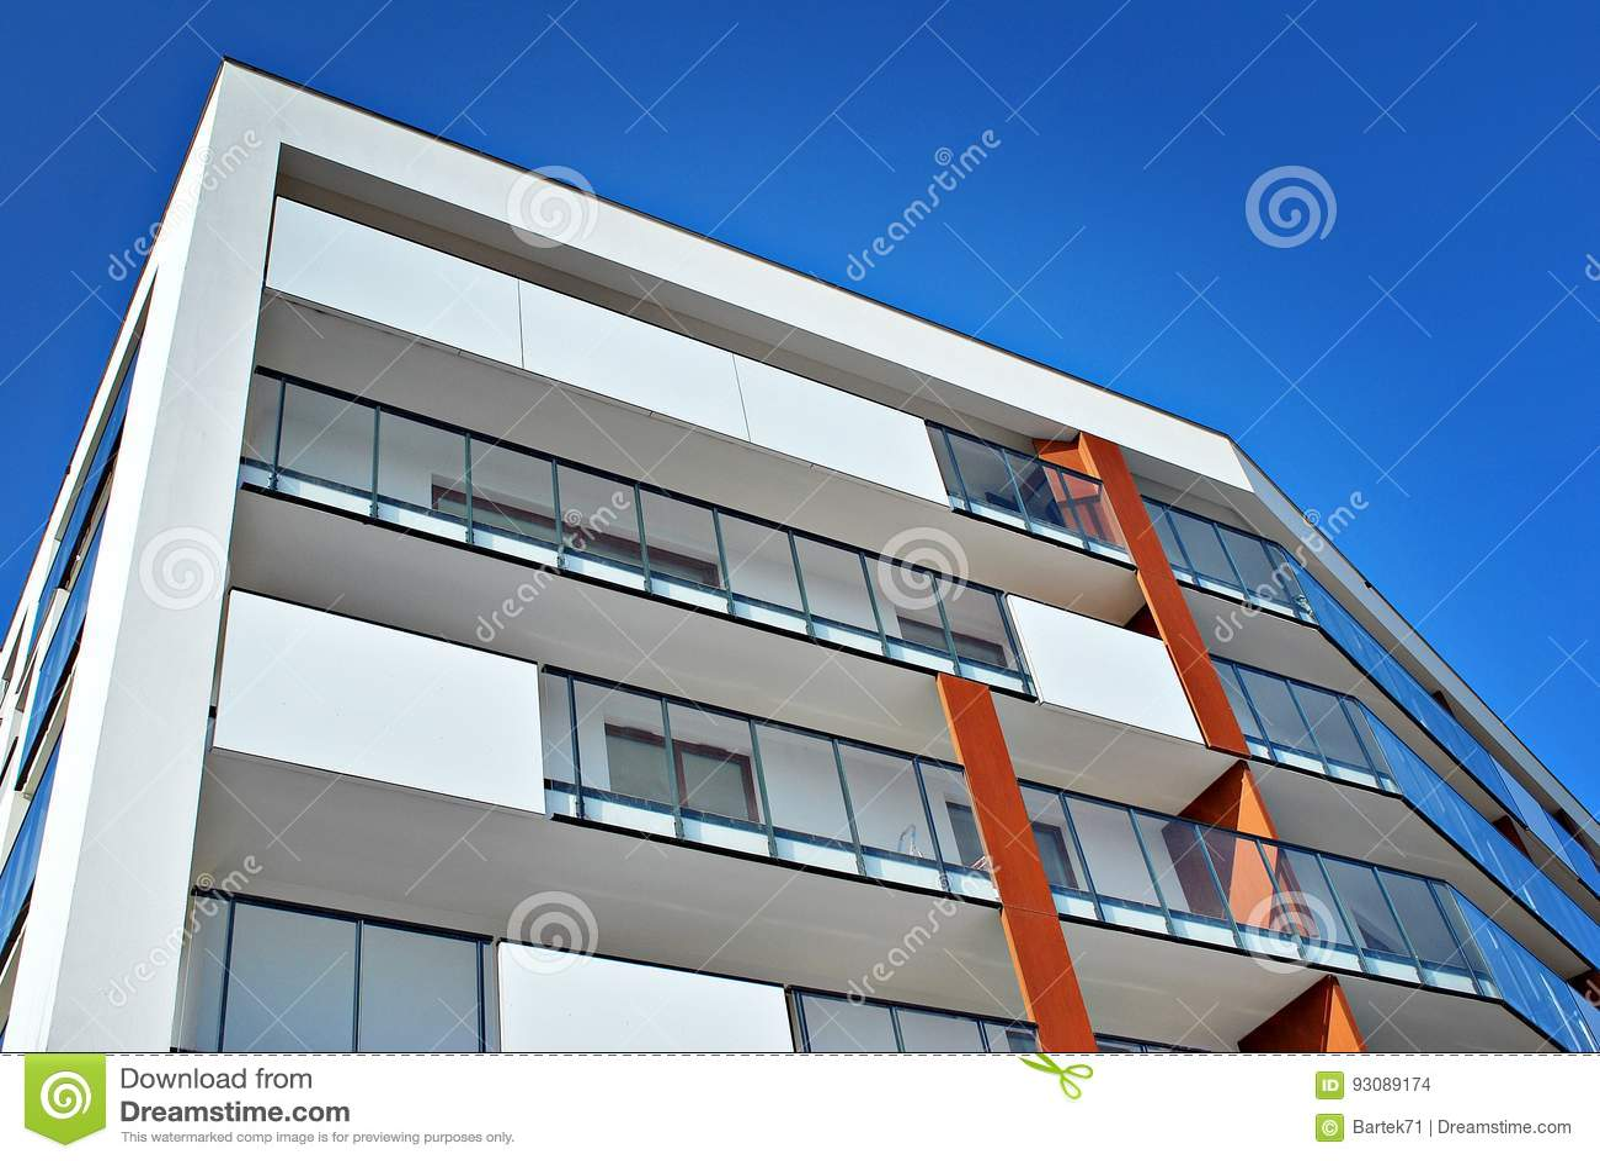 ext rieurs modernes d 39 immeubles fa ade d 39 un immeuble moderne photo stock image du patrimoine. Black Bedroom Furniture Sets. Home Design Ideas